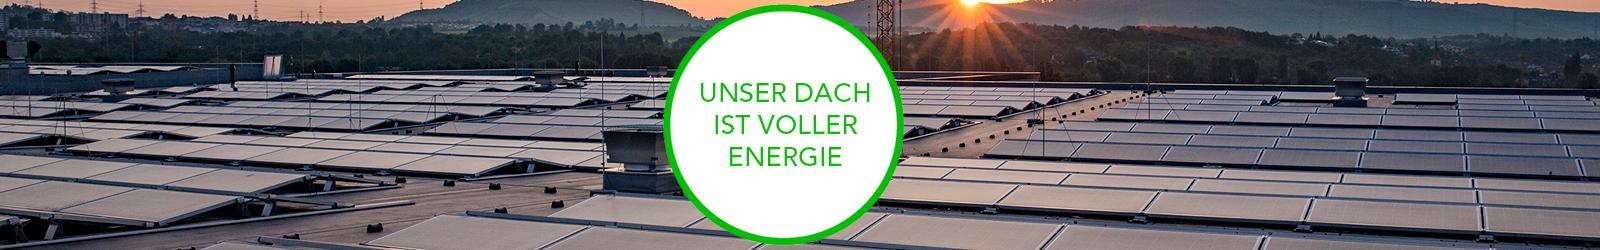 KIRSCH produziert grünen Strom mit eigener Photovoltaikanlage